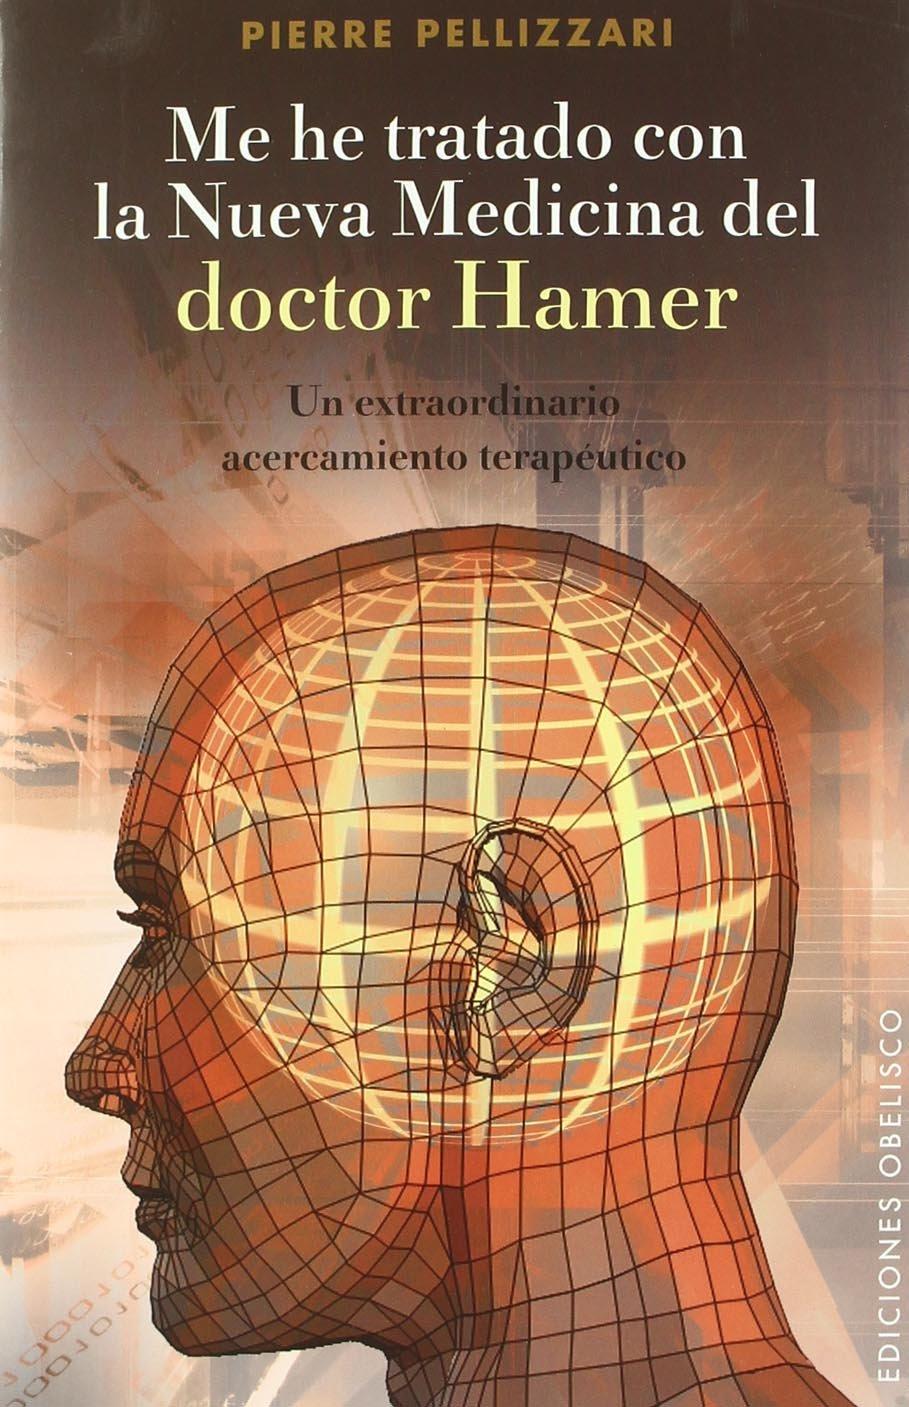 Me he tratado con la nueva medicina del Dr. Hamer (Spanish Edition) ebook